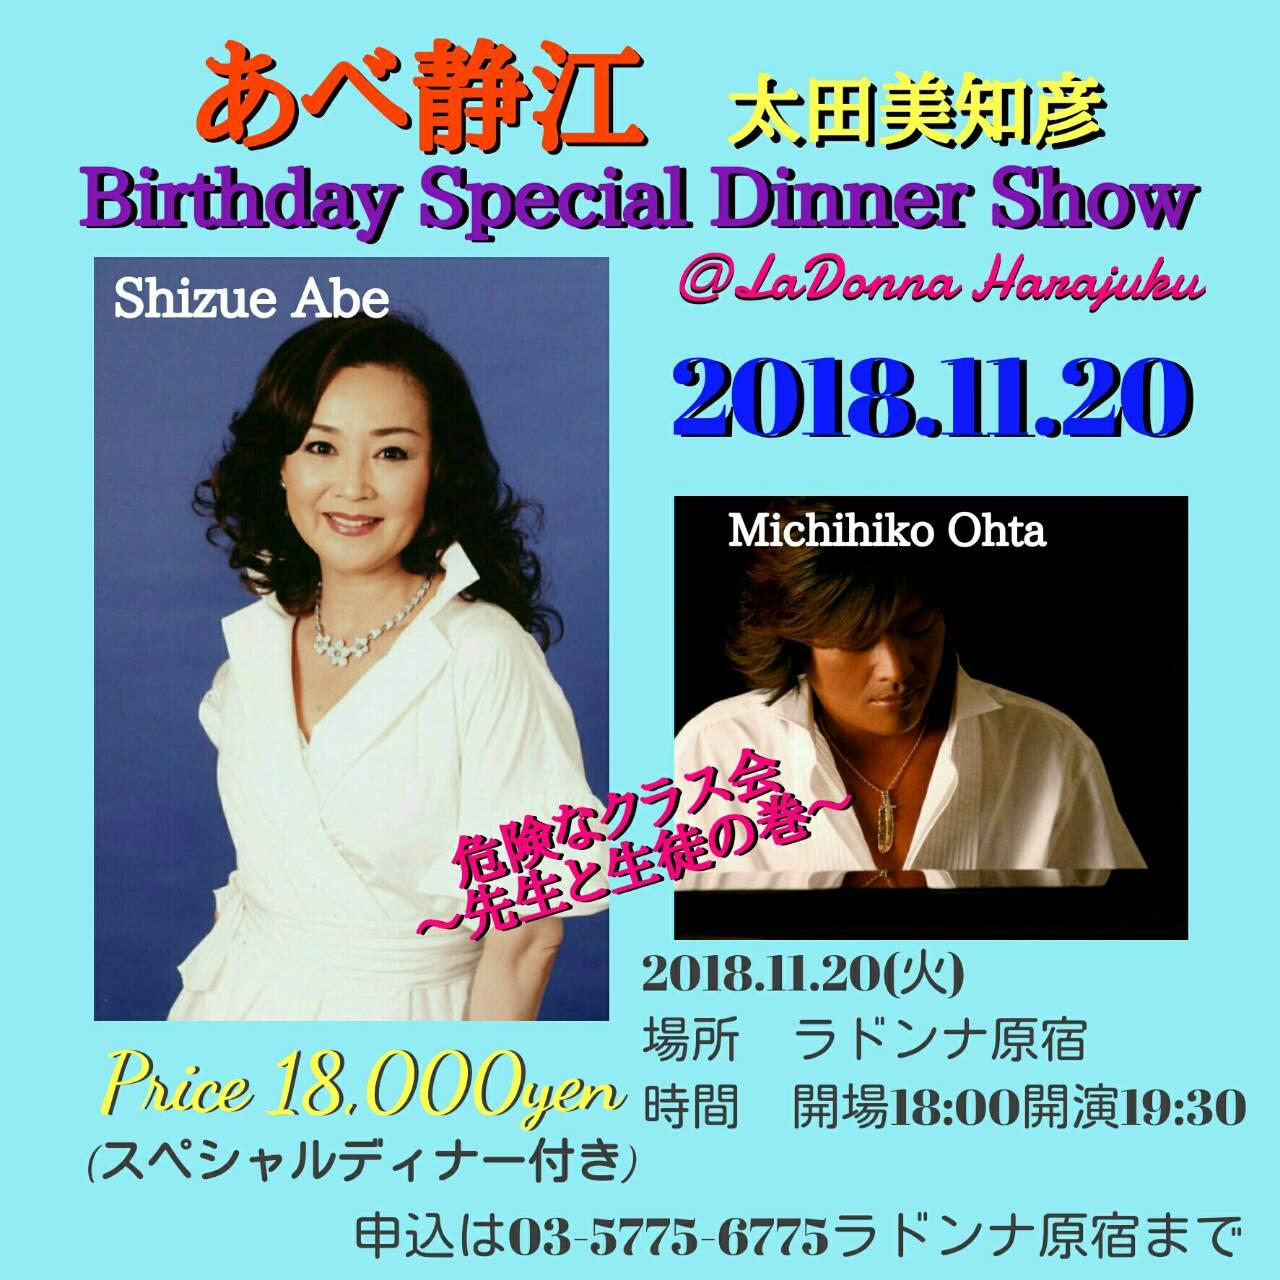 あべ静江・太田美知彦 Birthday Special Dinner Show